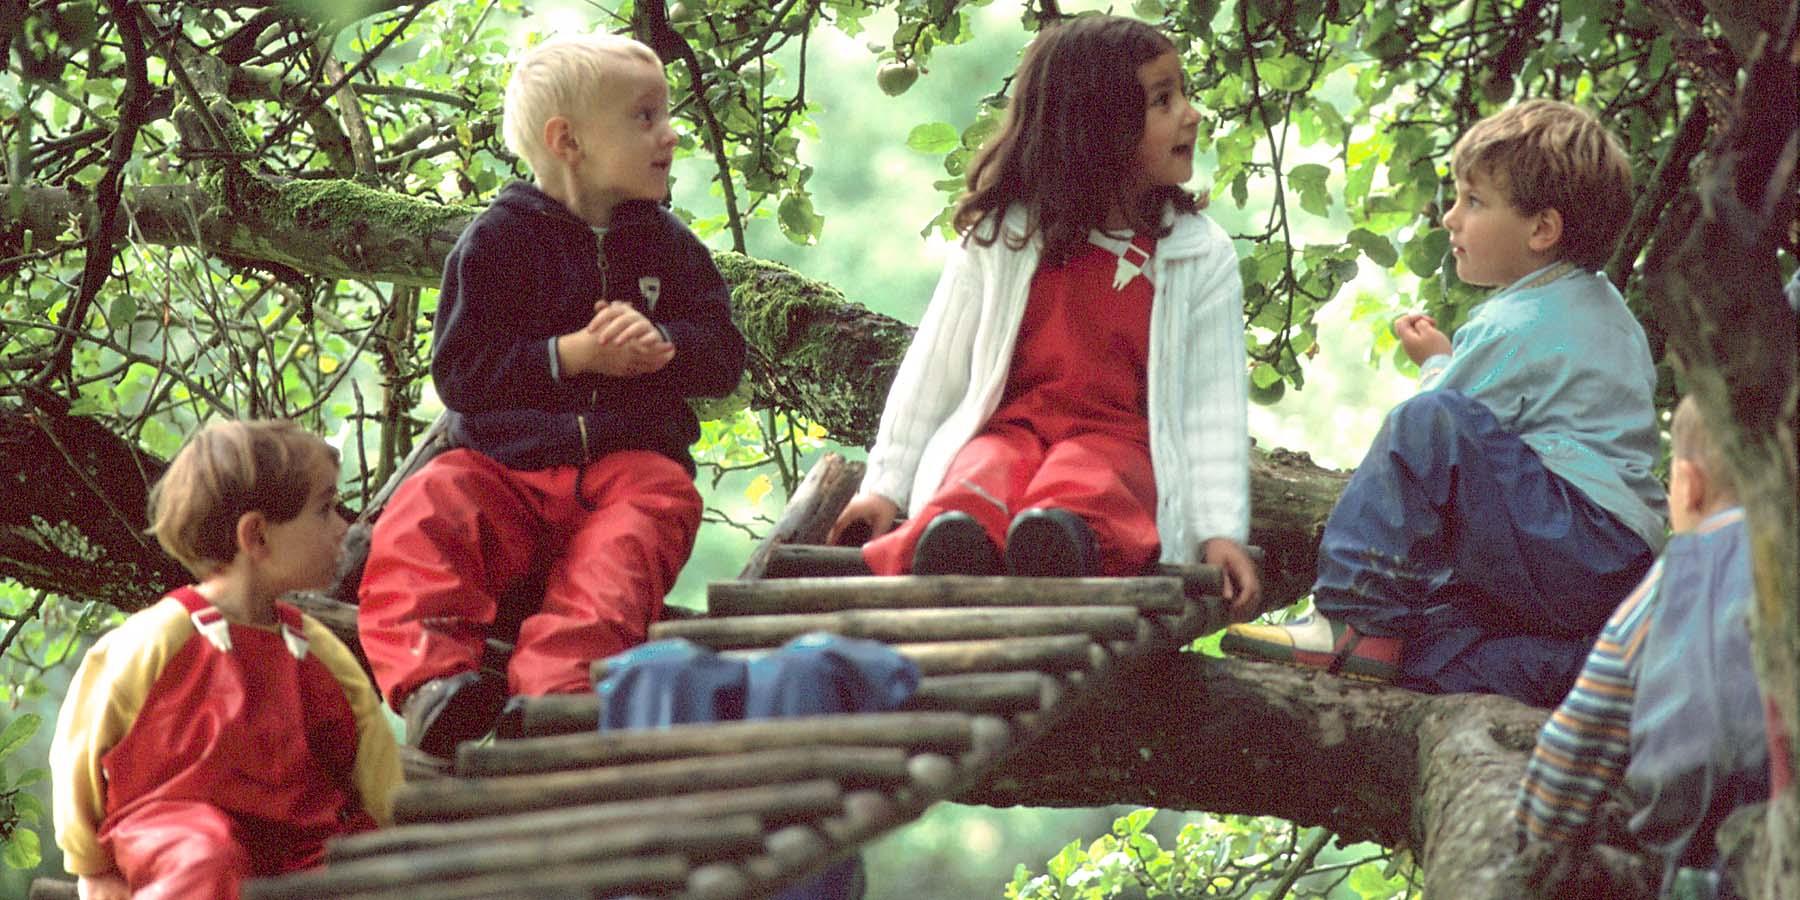 Kinder eines Waldkindergartens spielen im Apfelbaum (Foto: Dominic Menzler, dmkommunikation.de)